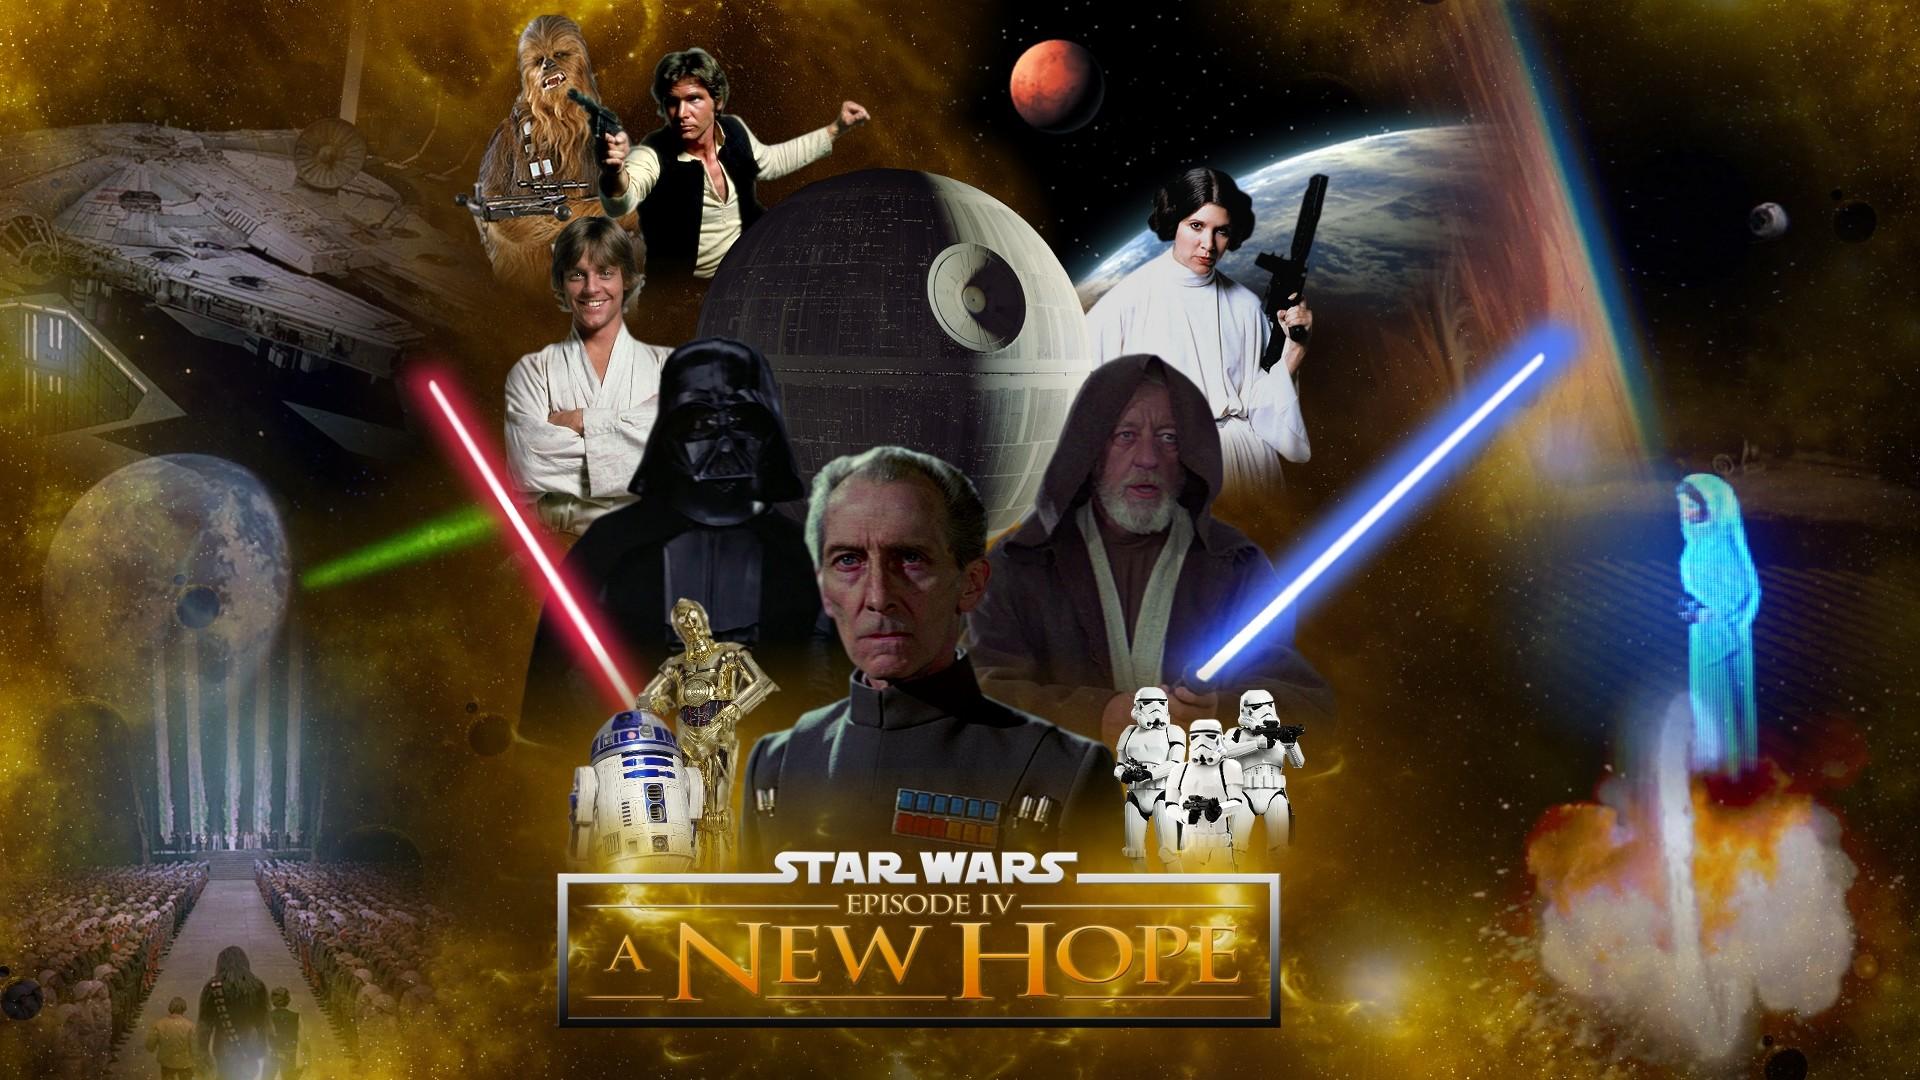 Star Wars Episode 4 Hd Stream